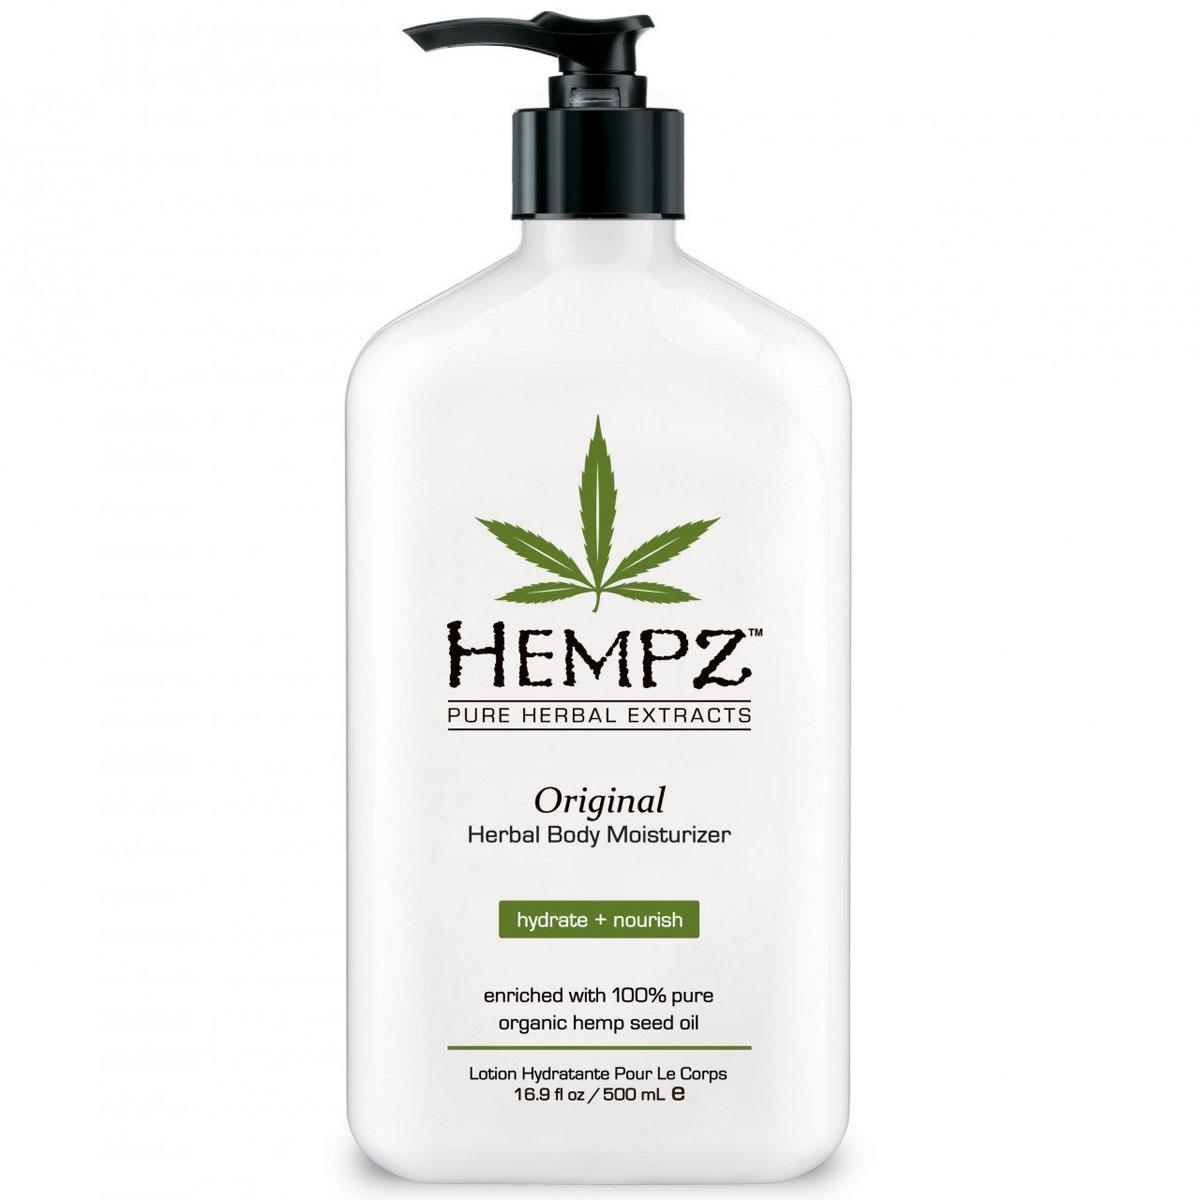 Hempz Молочко для тела увлажняющее Оригинальное Original Herbal Moisturizer 500 мл110-1270-03Фрмула на основе масла и экстракта семян конопли, масла дерева ши и экстракта корня женьшеня повышает тонус кожи, успокаивает и смягчает. Витамины А, С и Е нейтрализуют агрессивное воздействие окружающей среды, а так же способствуют разглаживанию мелких морщин, защищают кожу от разрушительного действия свободных радикалов. Аромат: Свежий цветочный и Банан